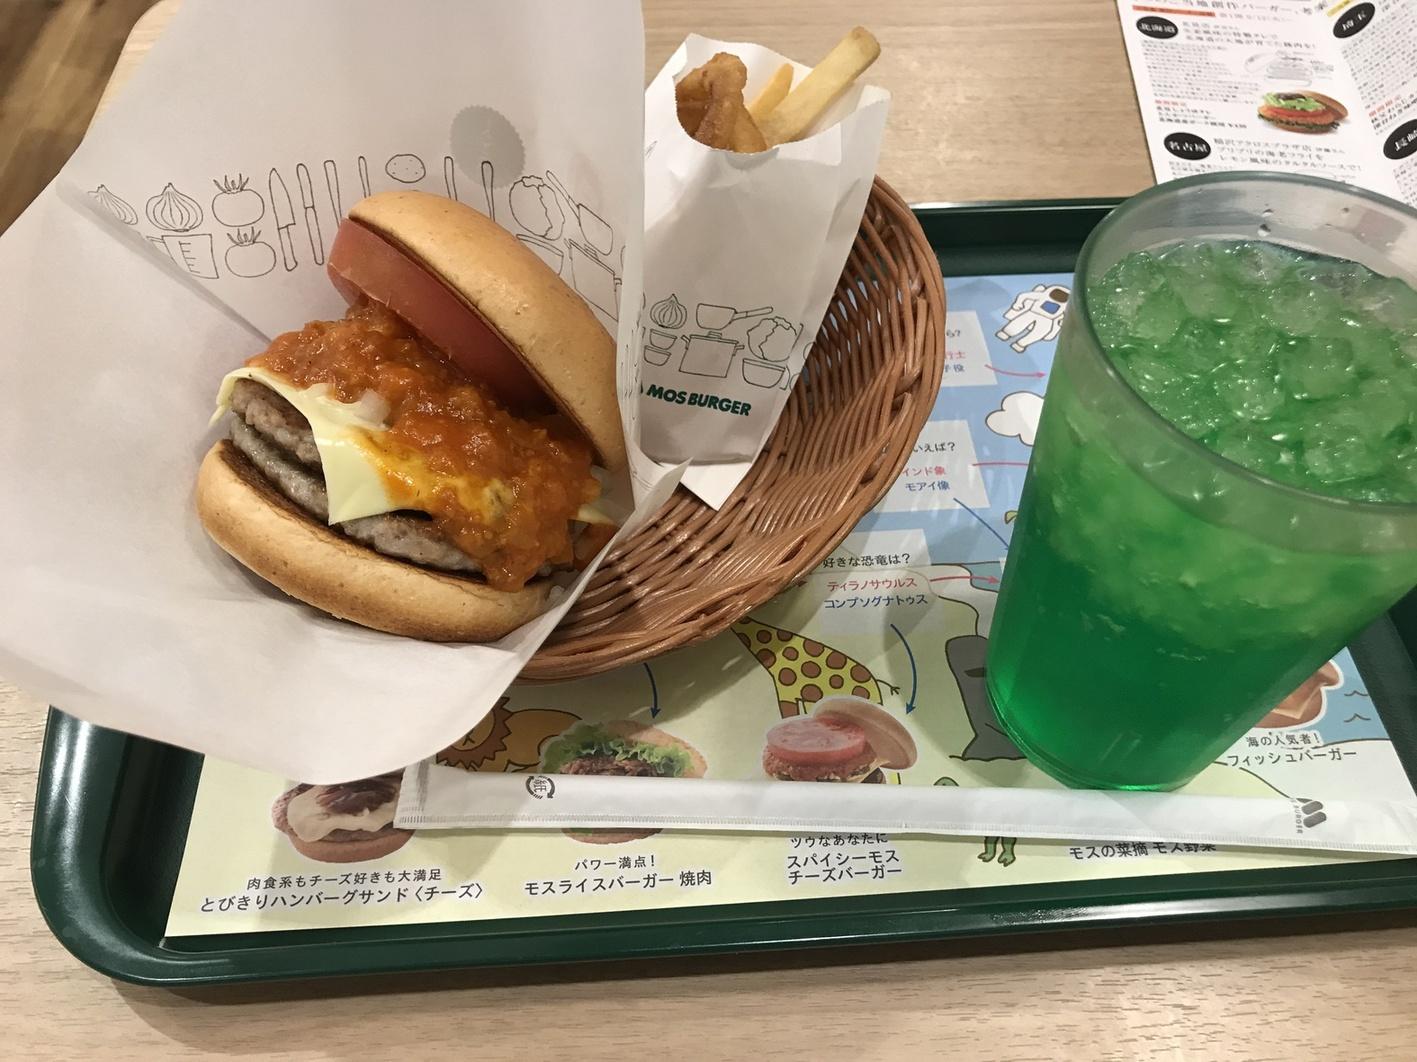 モスバーガー ひたちなか笹野店 name=